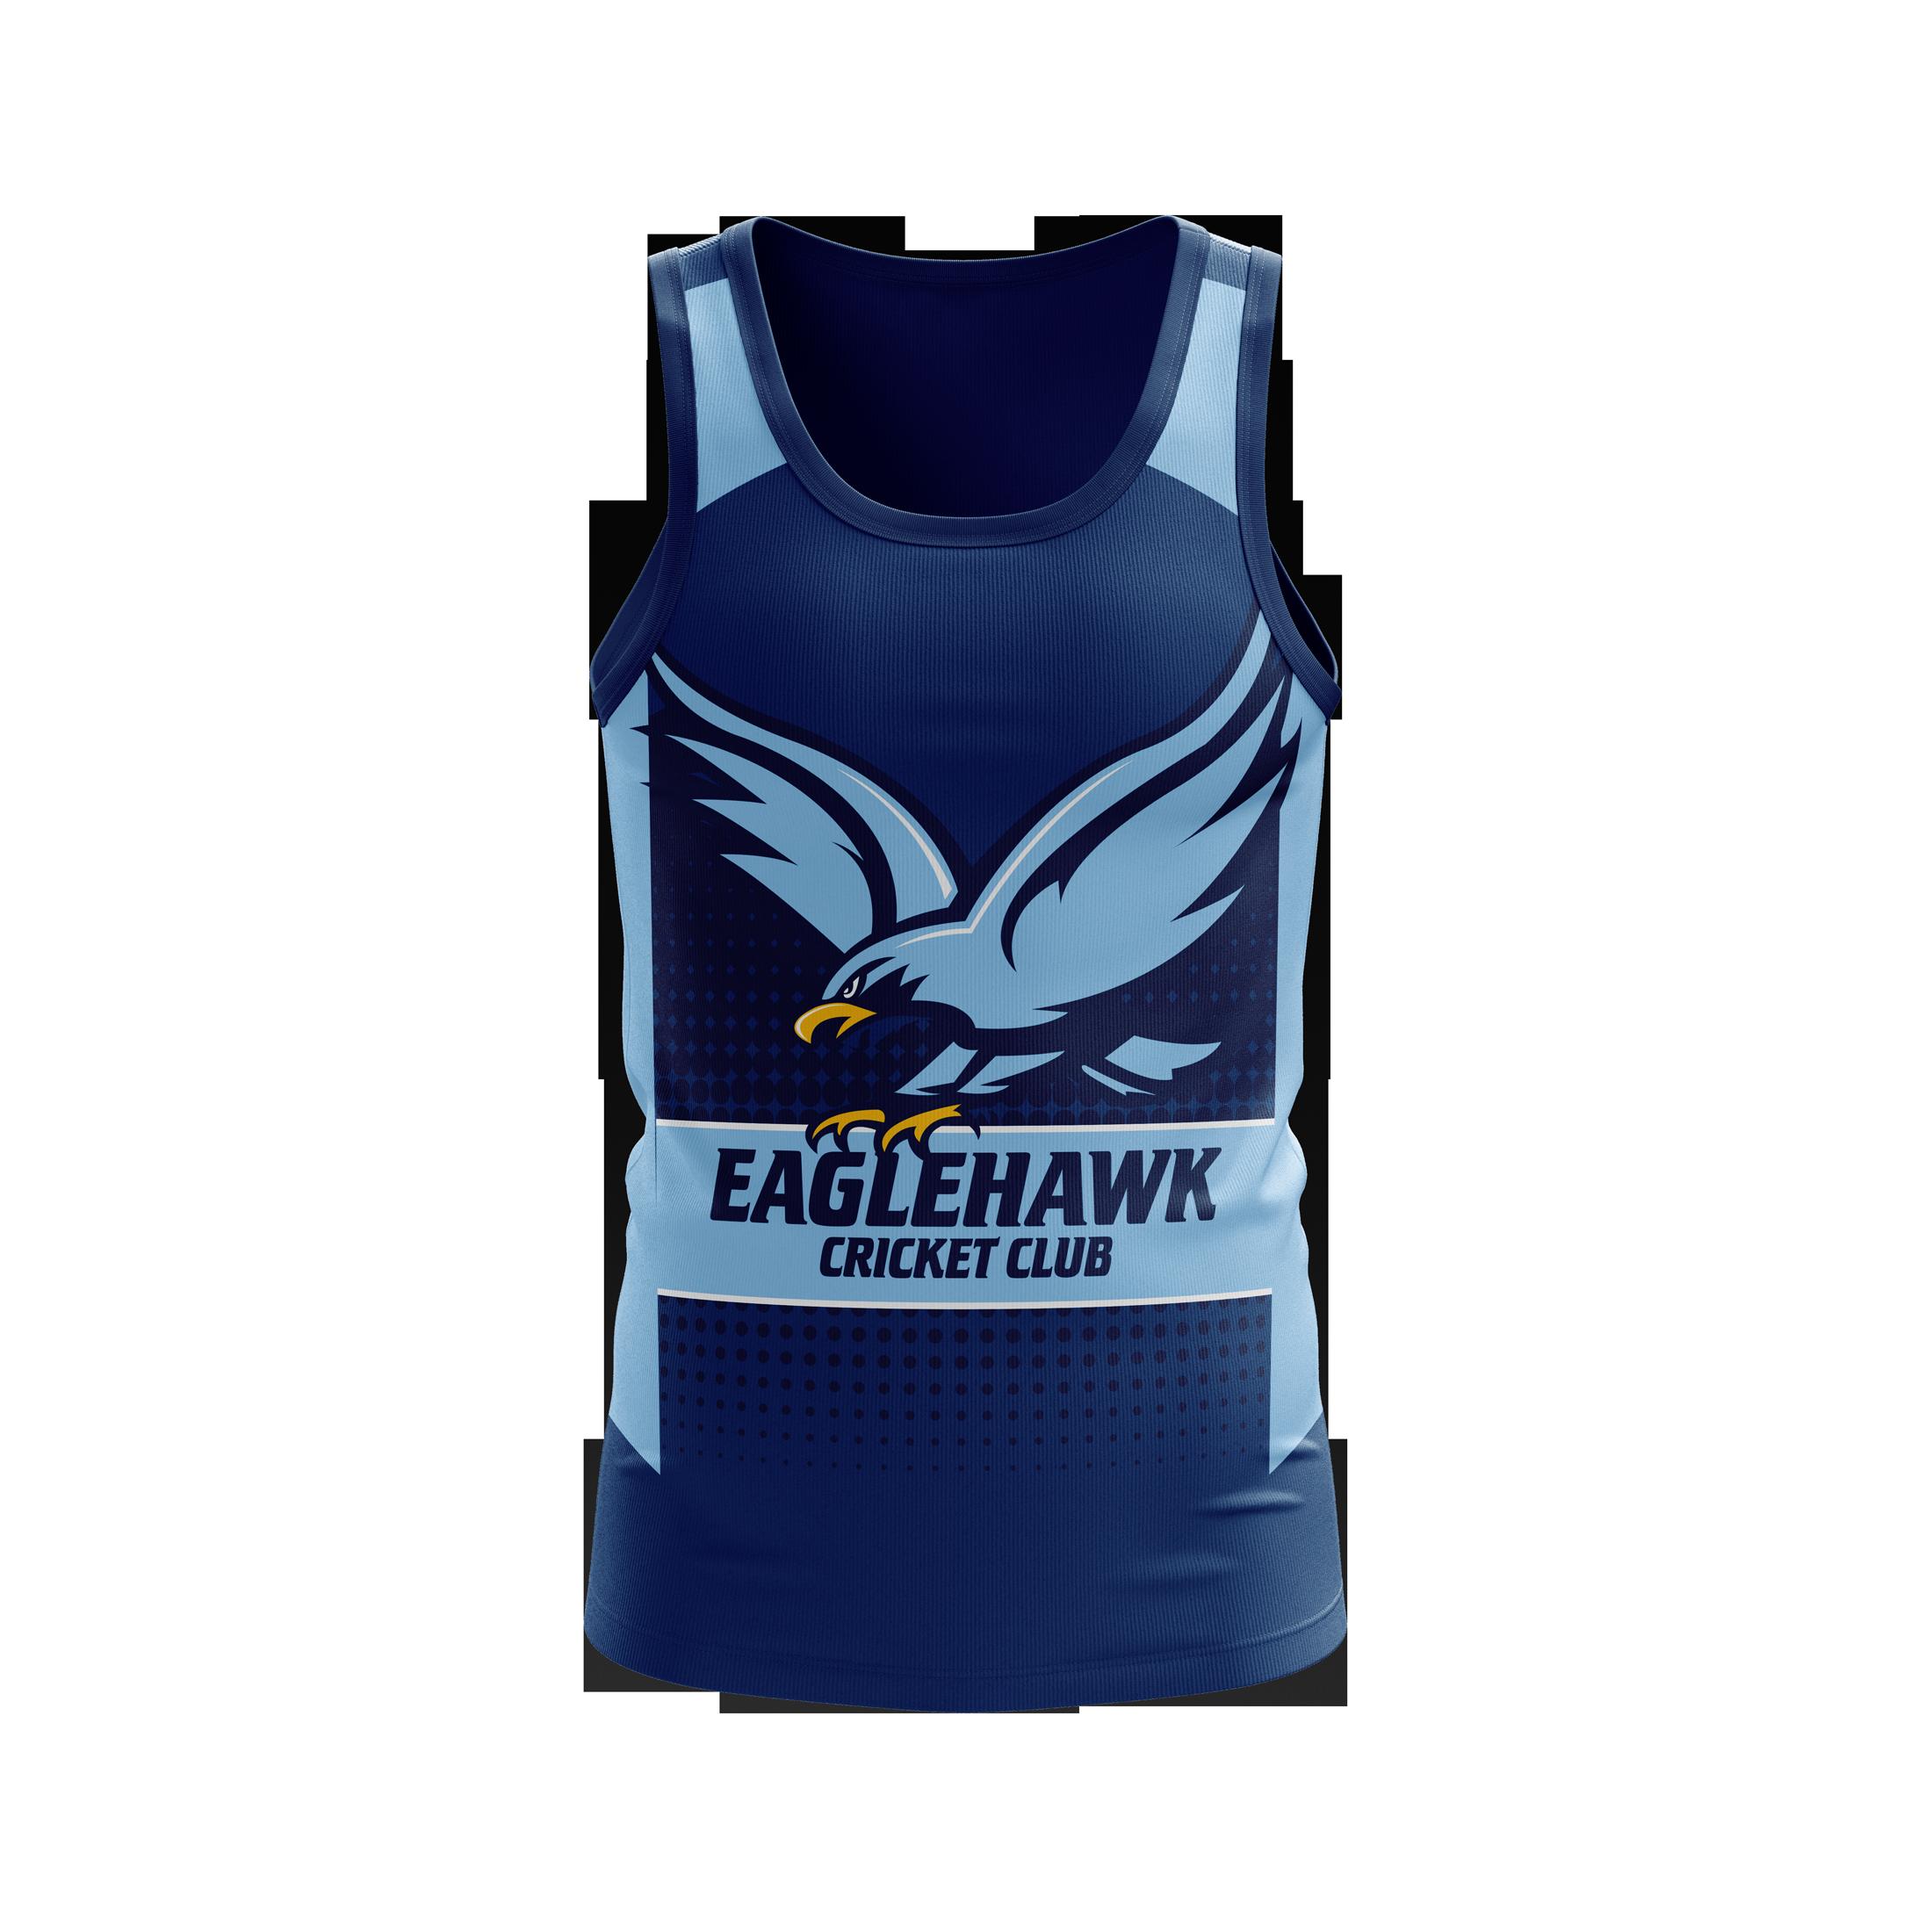 Eaglehawk-Singlet-2016.png